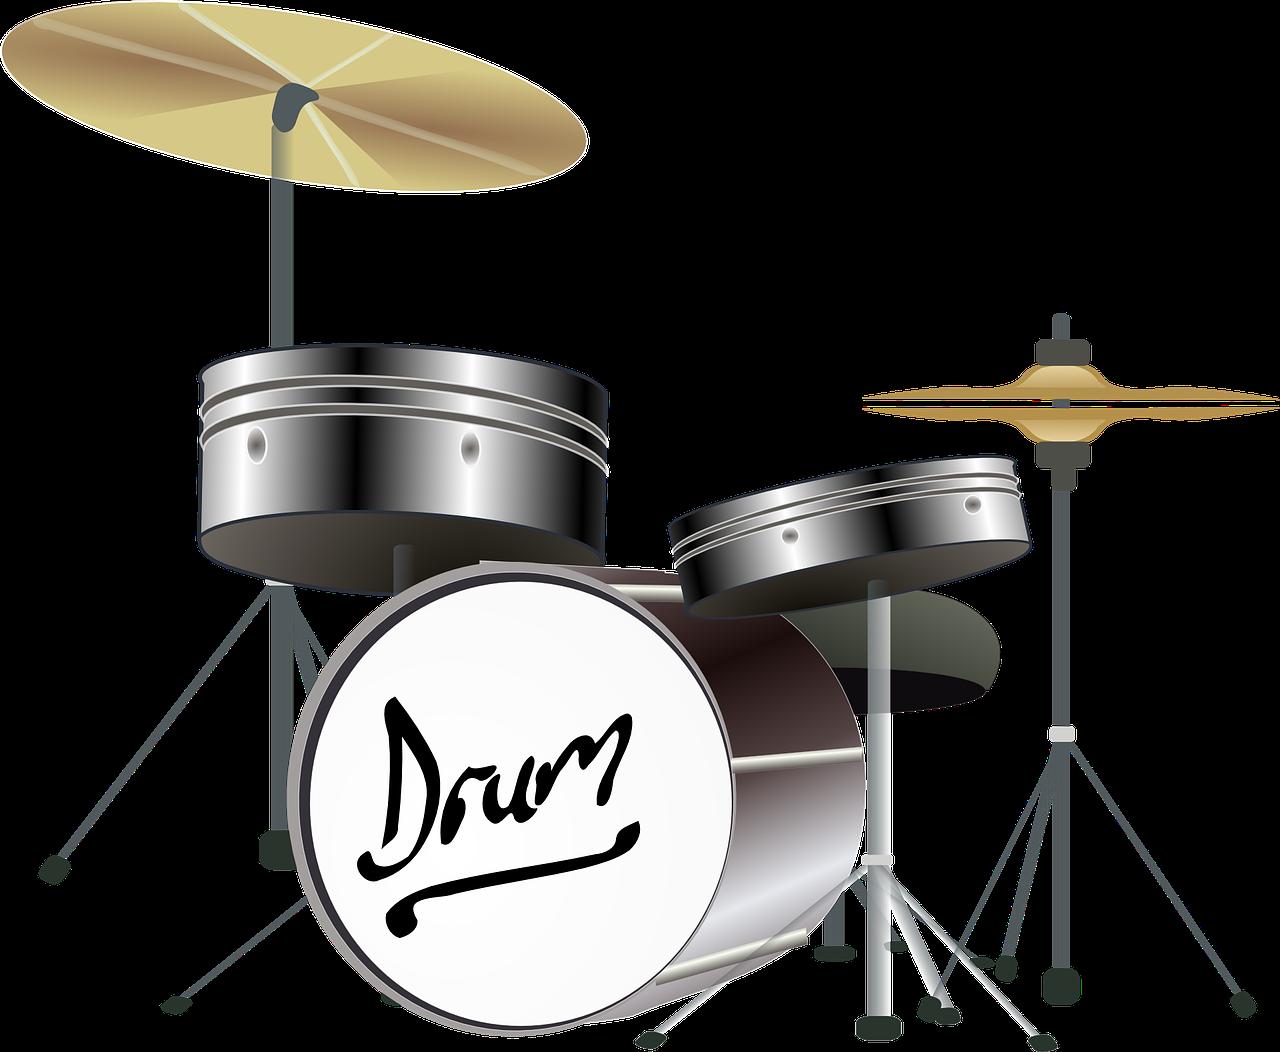 drums-31359_1280